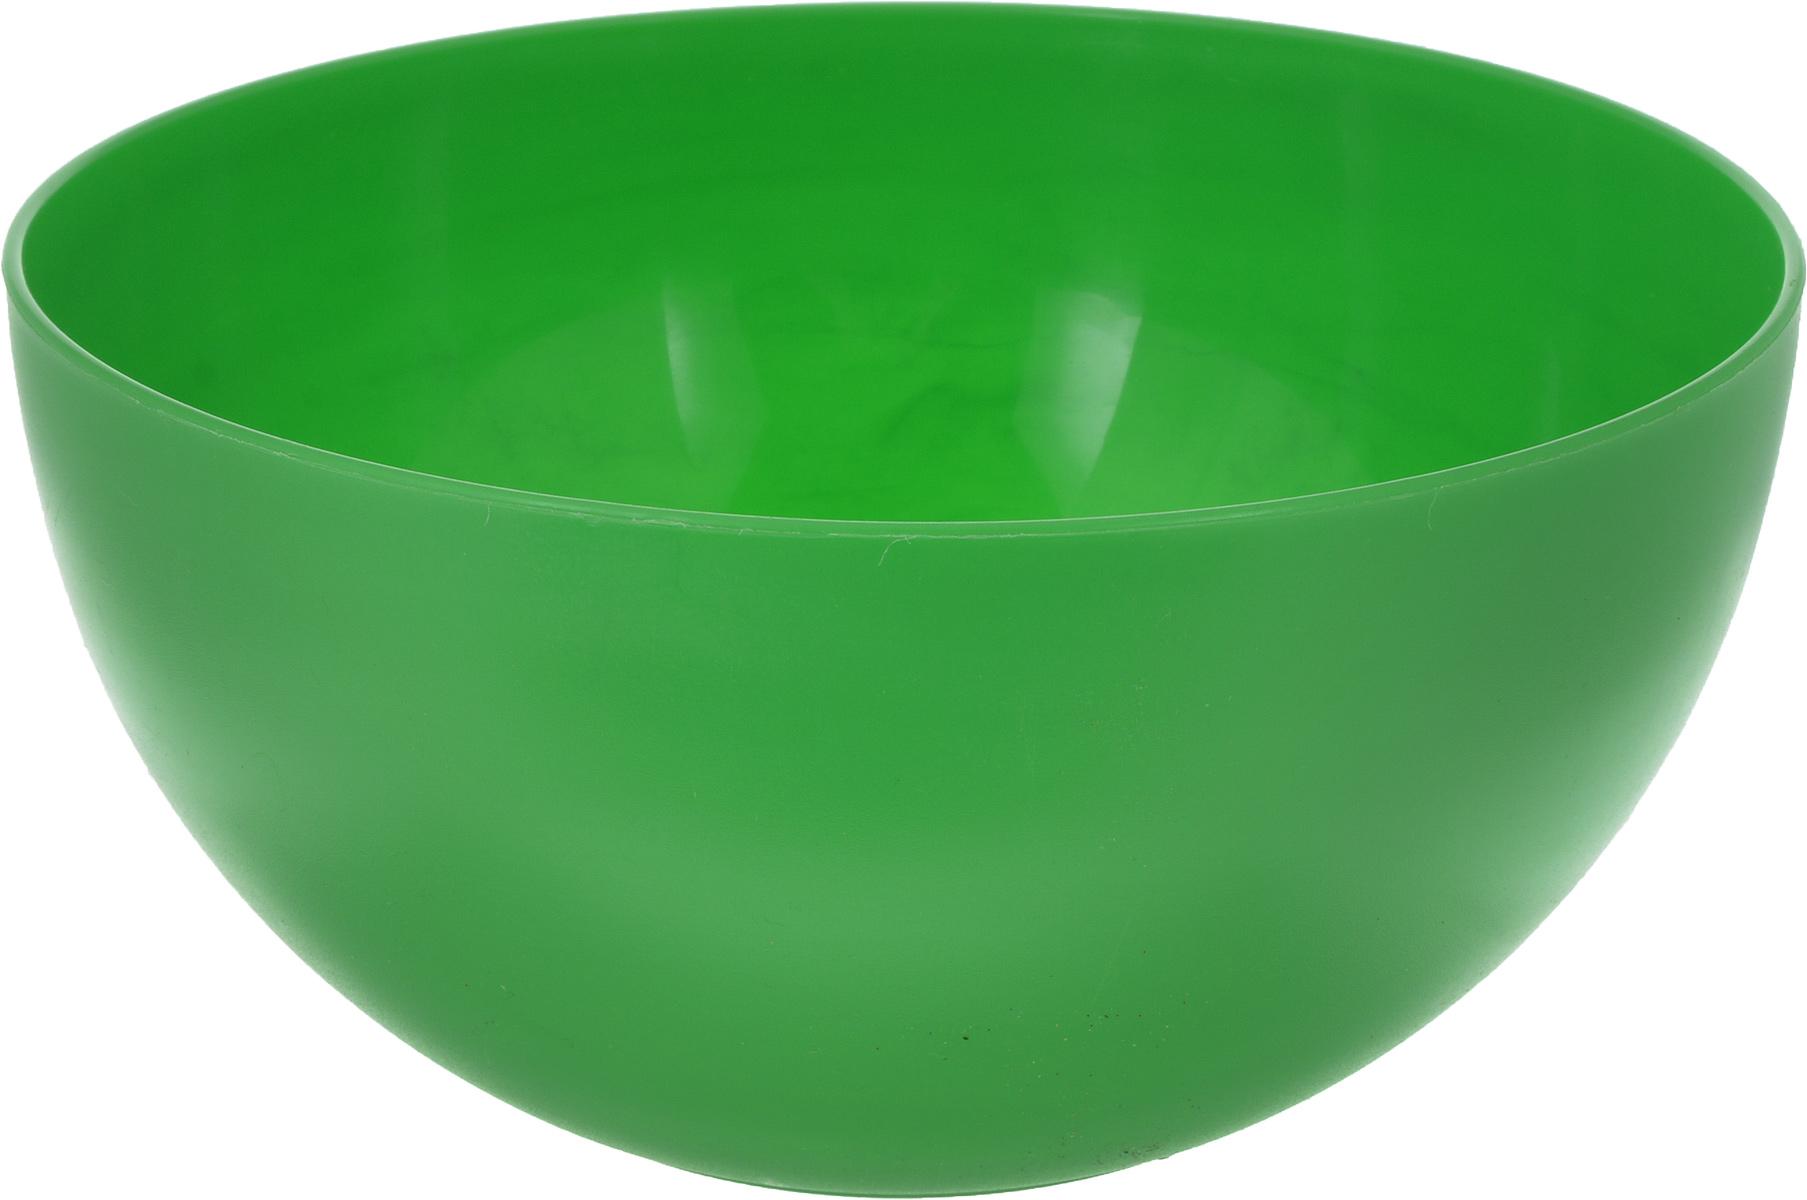 Салатник Gotoff, цвет: зеленый, 4 лWTC-247_зеленыйСалатник Gotoff выполнен из прочного пищевого полипропилена. Изделие отлично подойдет как для холодных, так и для горячих блюд. Его удобно использовать дома или на даче, брать с собой на пикники и в поездки. Отличный вариант для детских праздников. Такой салатник не разобьется и будет служить вам долгое время.Диаметр салатника (по верхнему краю): 24 см. Высота стенки: 12 см.